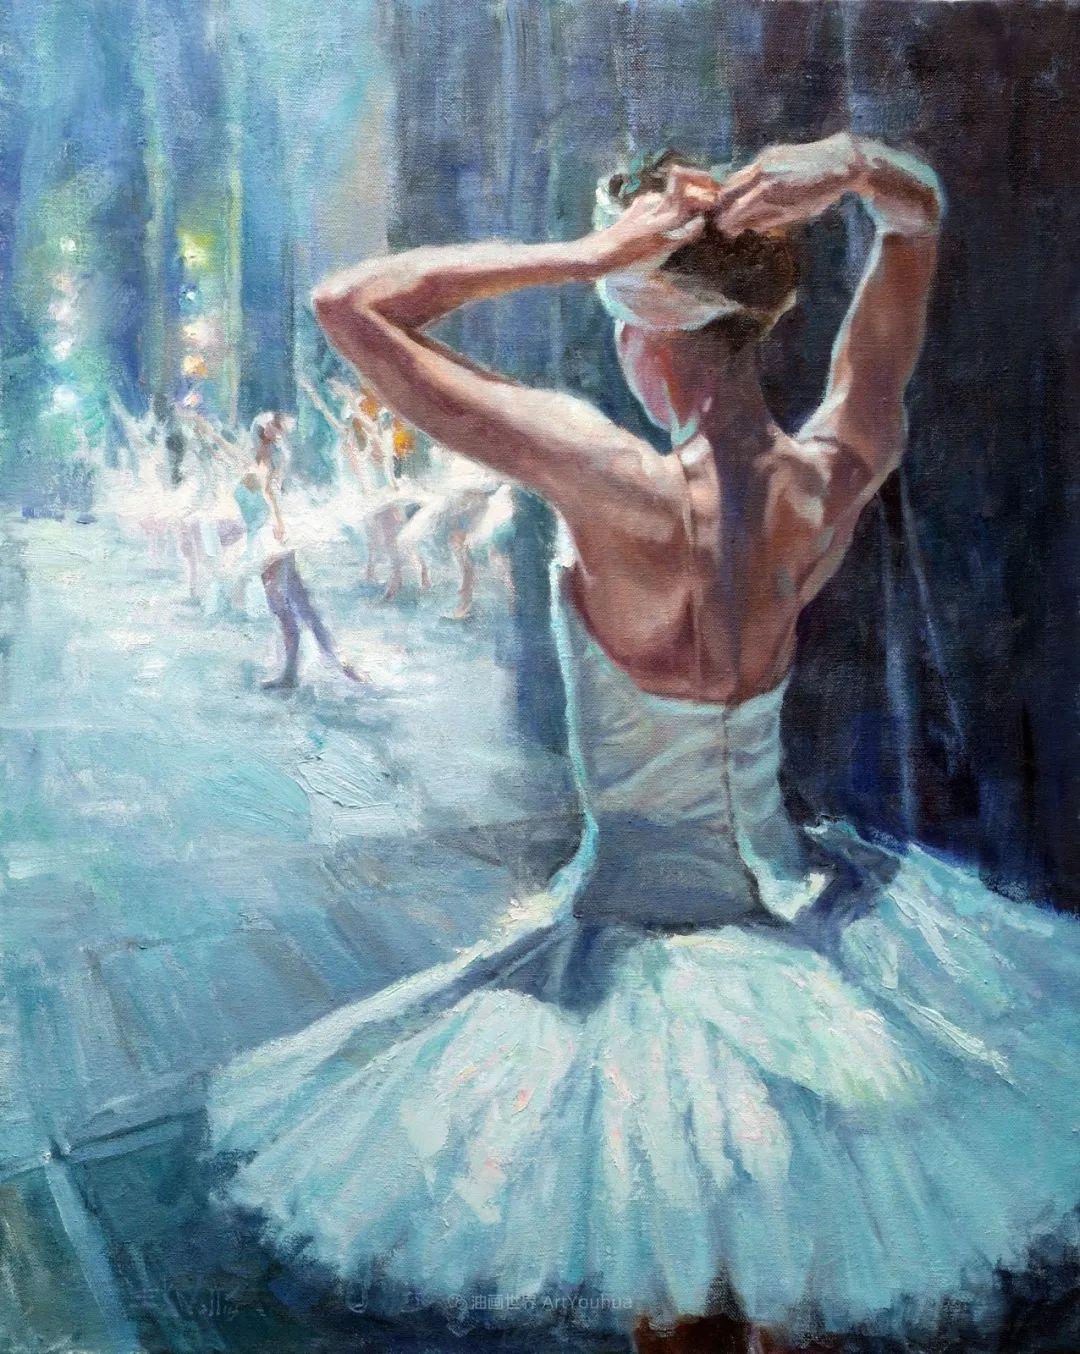 轻盈多姿,美轮美奂的芭蕾舞!插图39